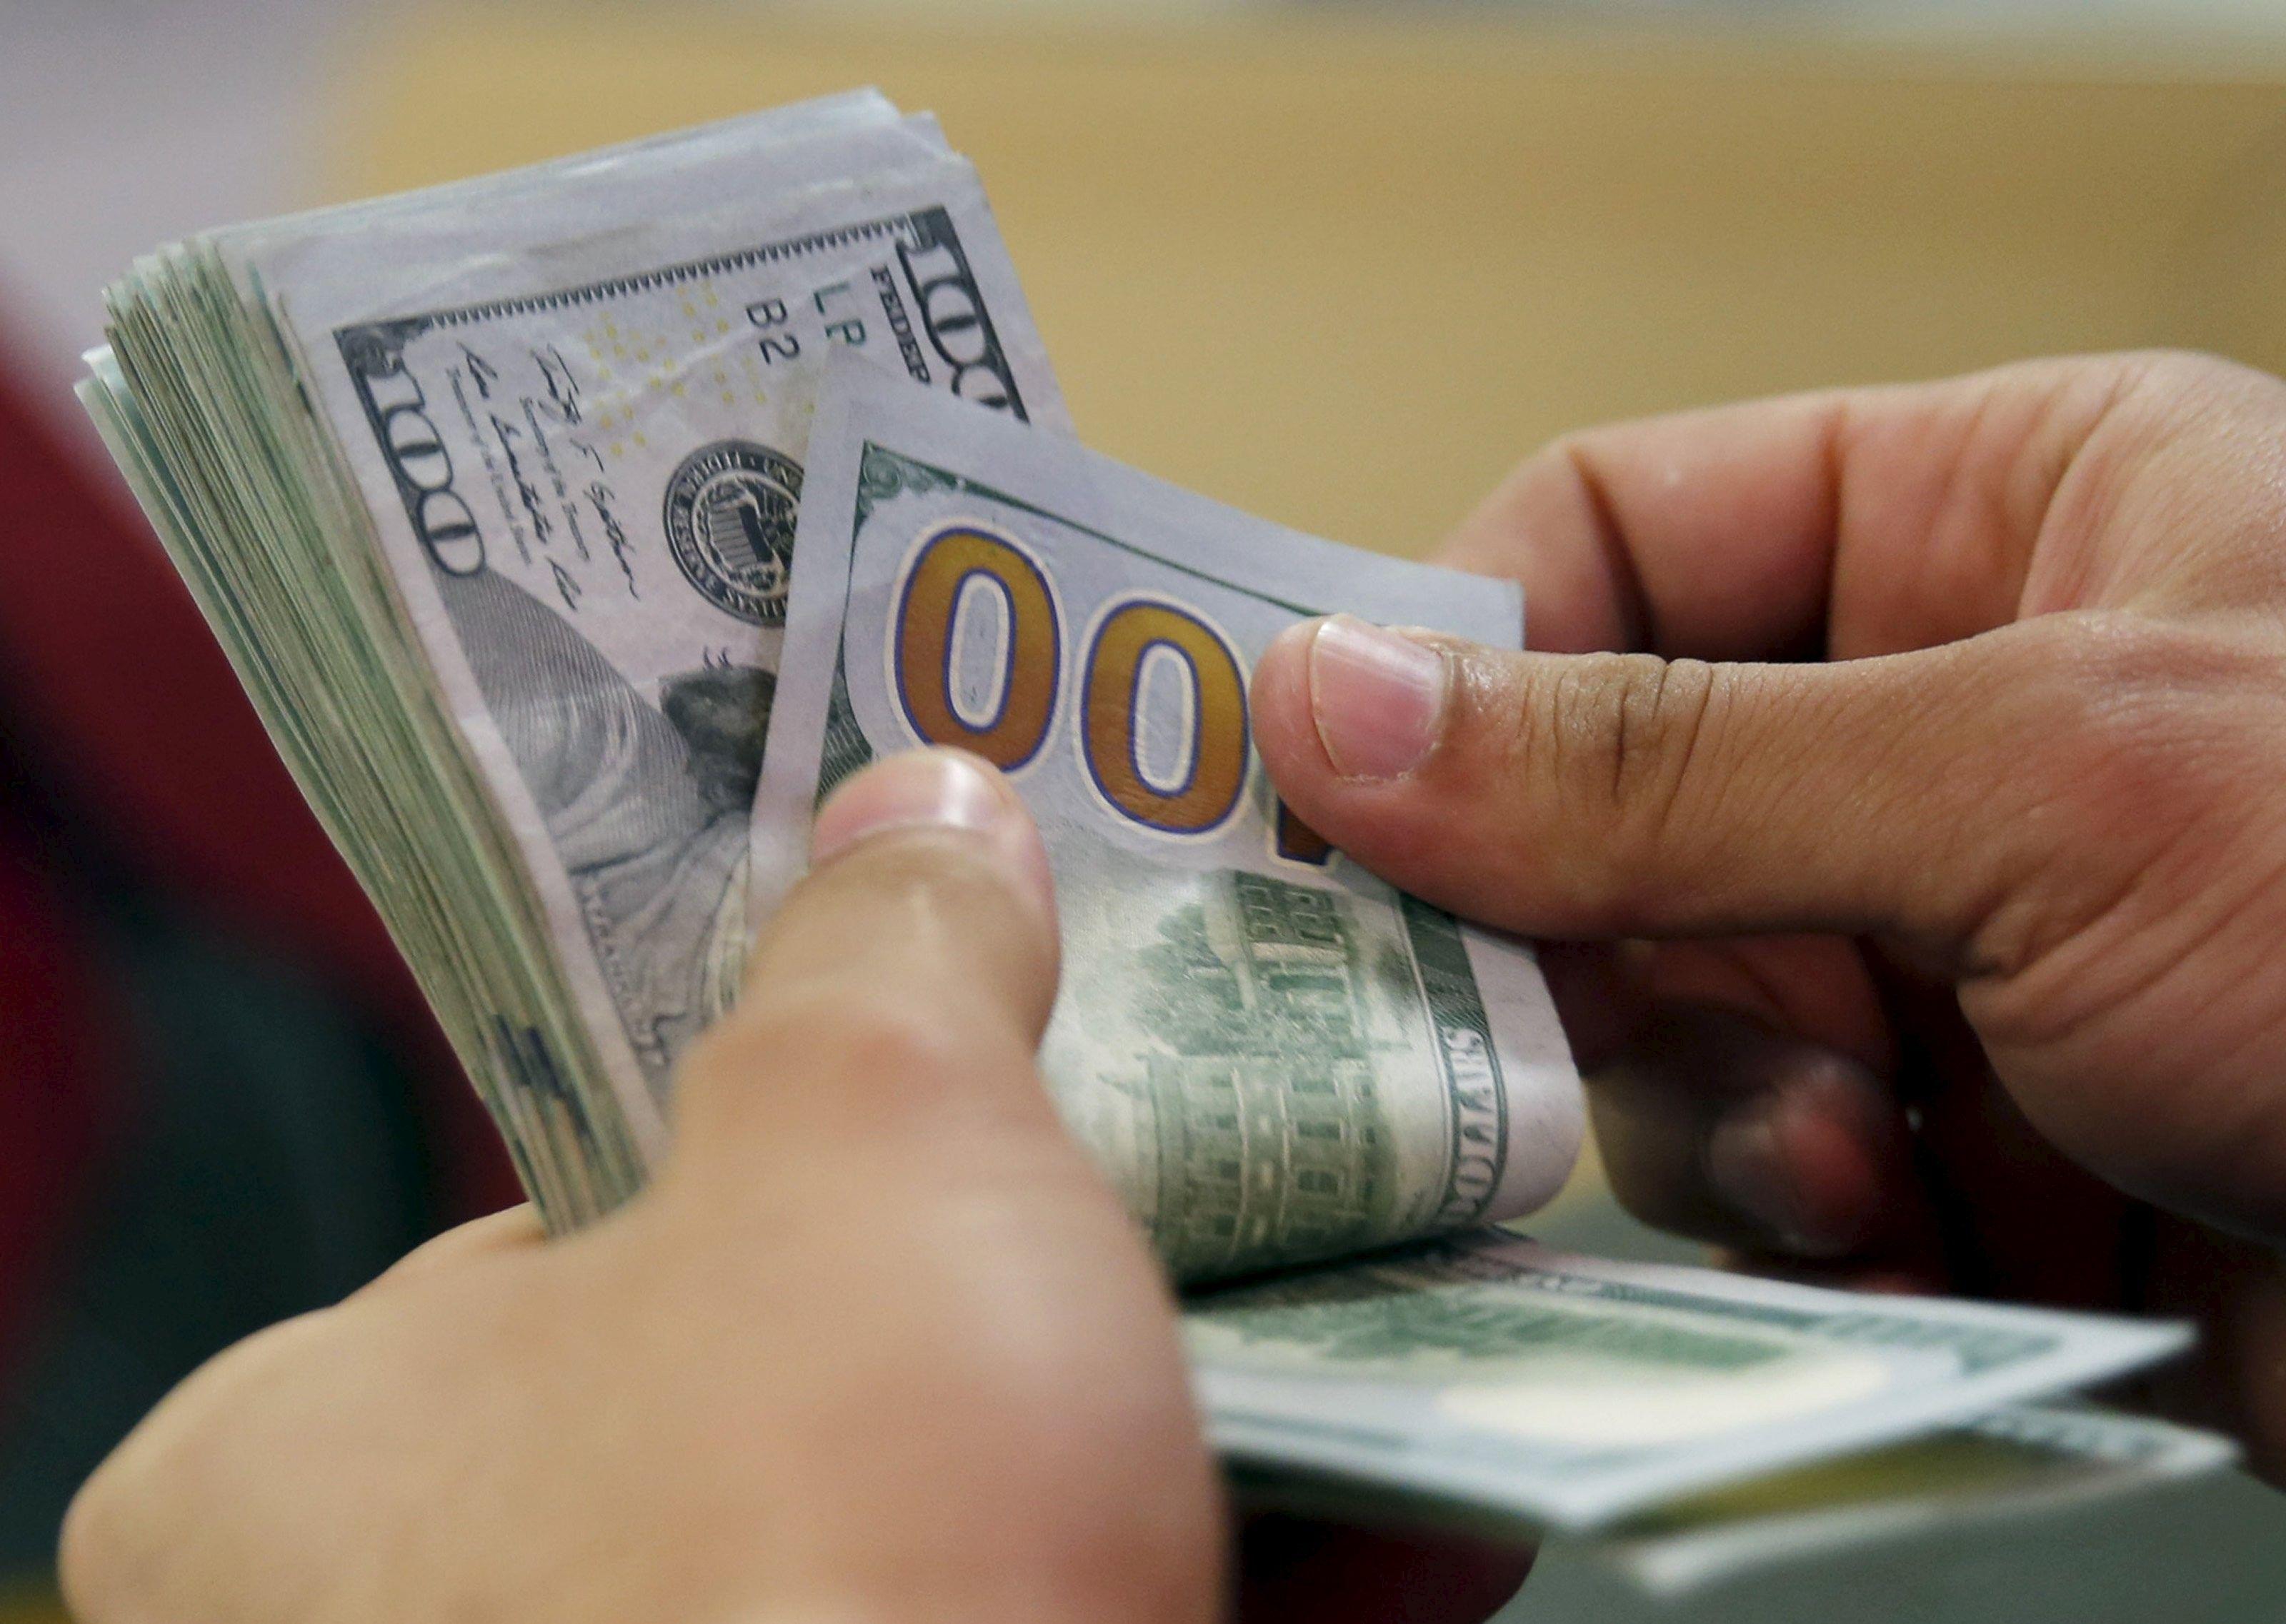 Дома украинцы зарабатывают в два раза меньше, чем в ЕС: в каких странах платят больше всего